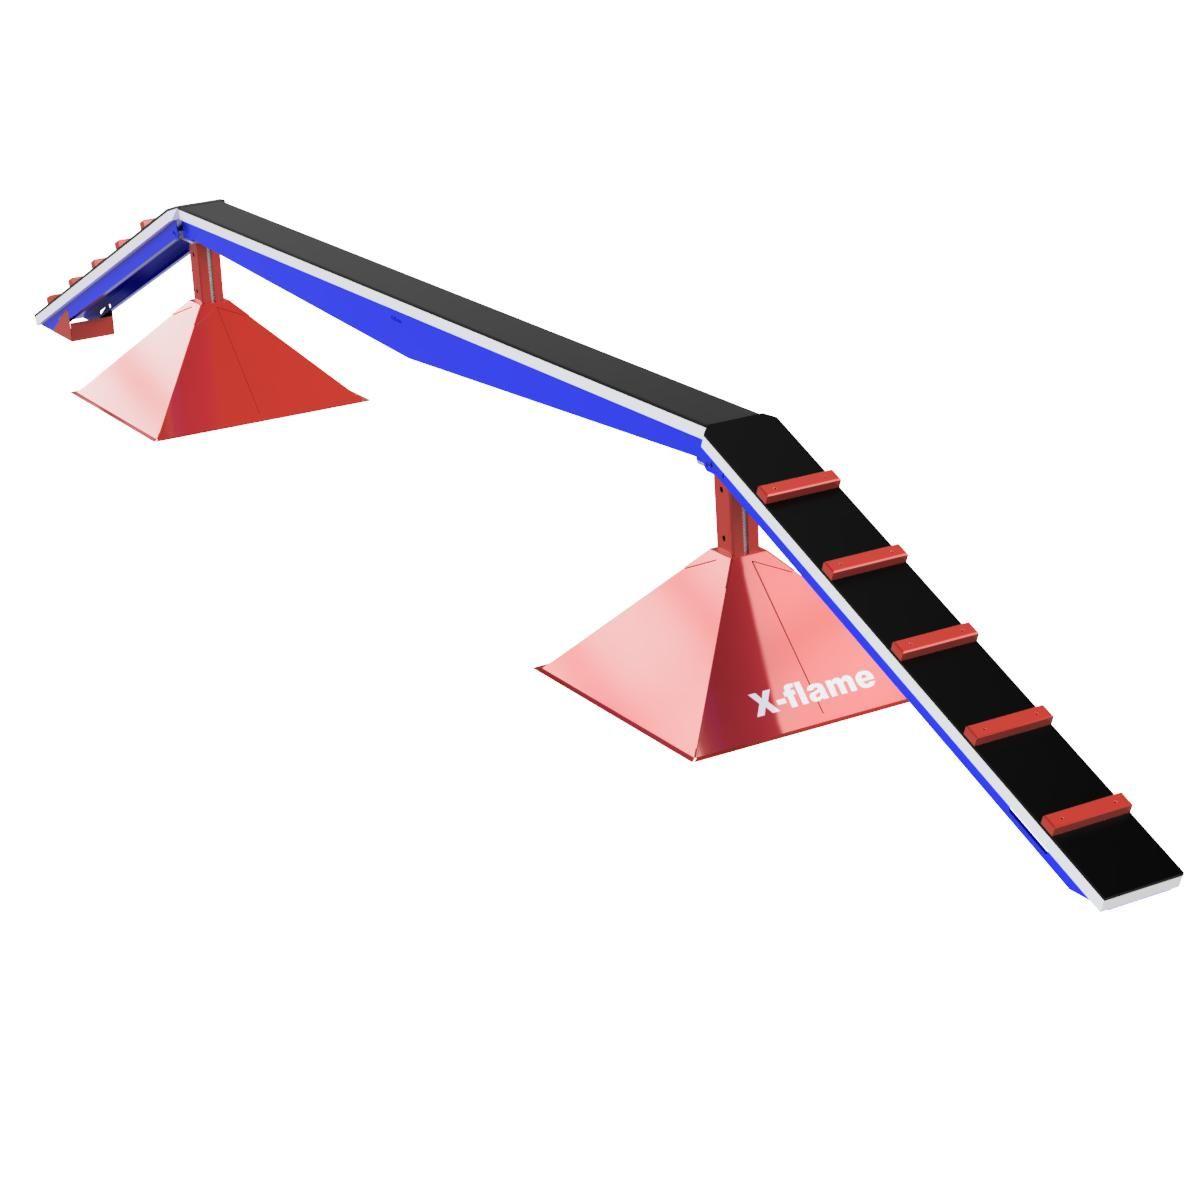 Kladina dětská VARIO 0,8 x 4 m, tartan, požární sport